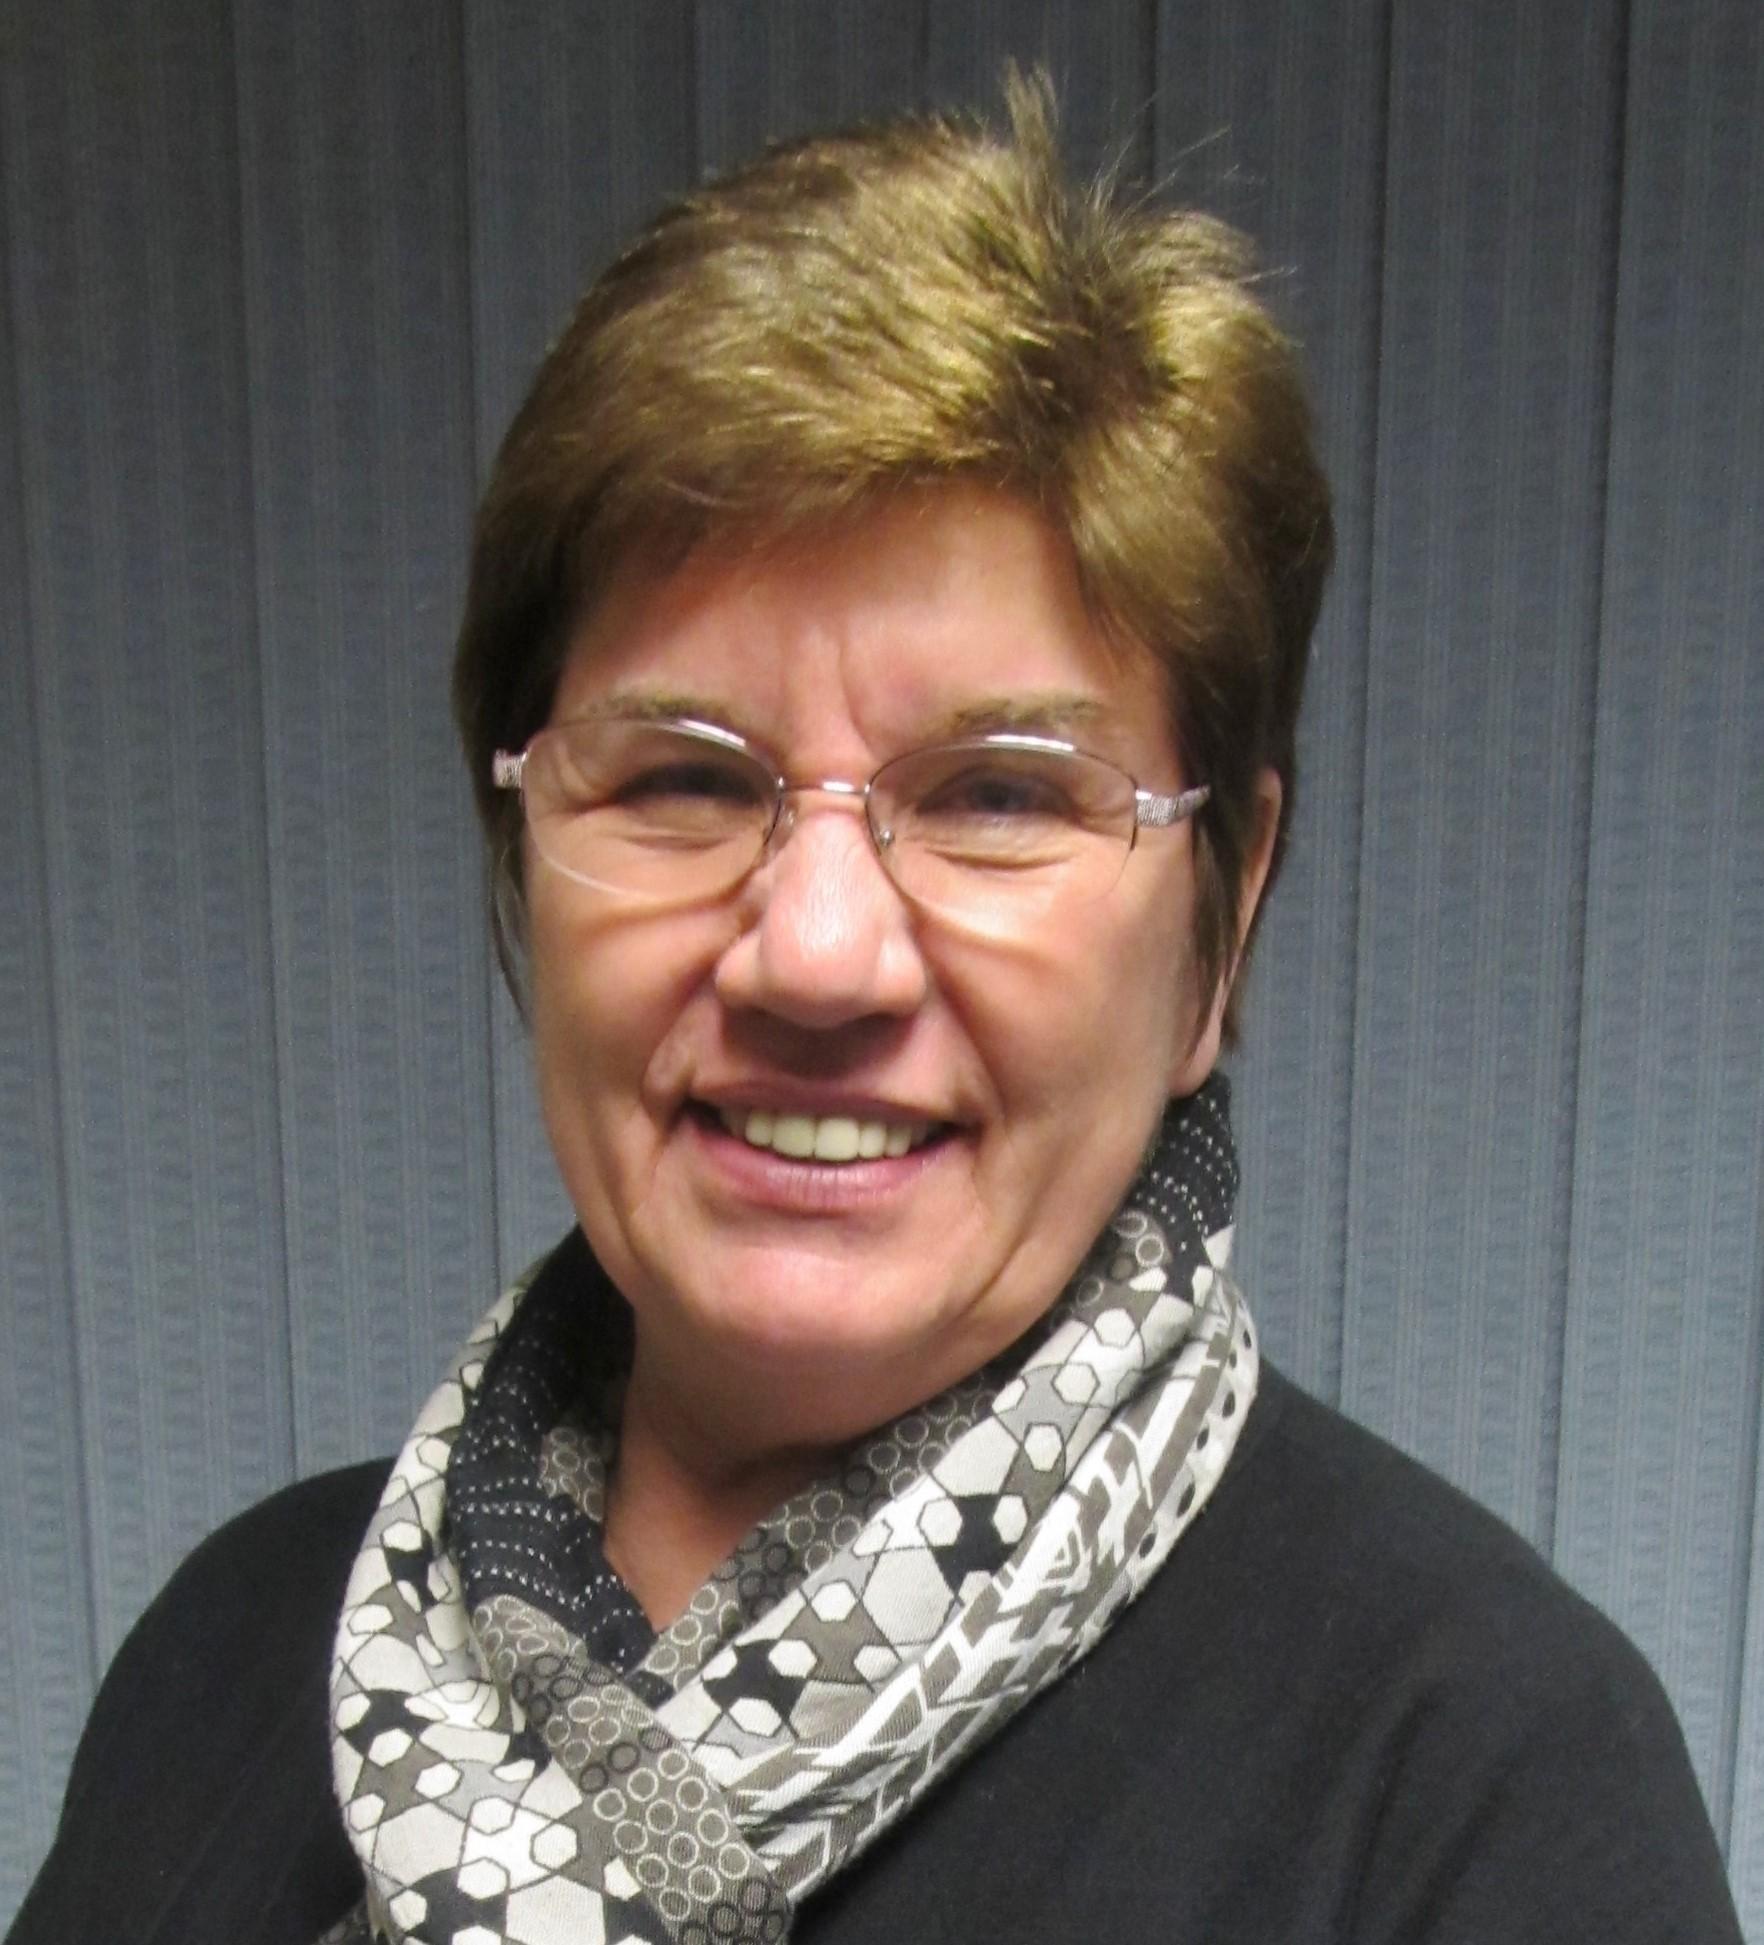 Ann Pauly